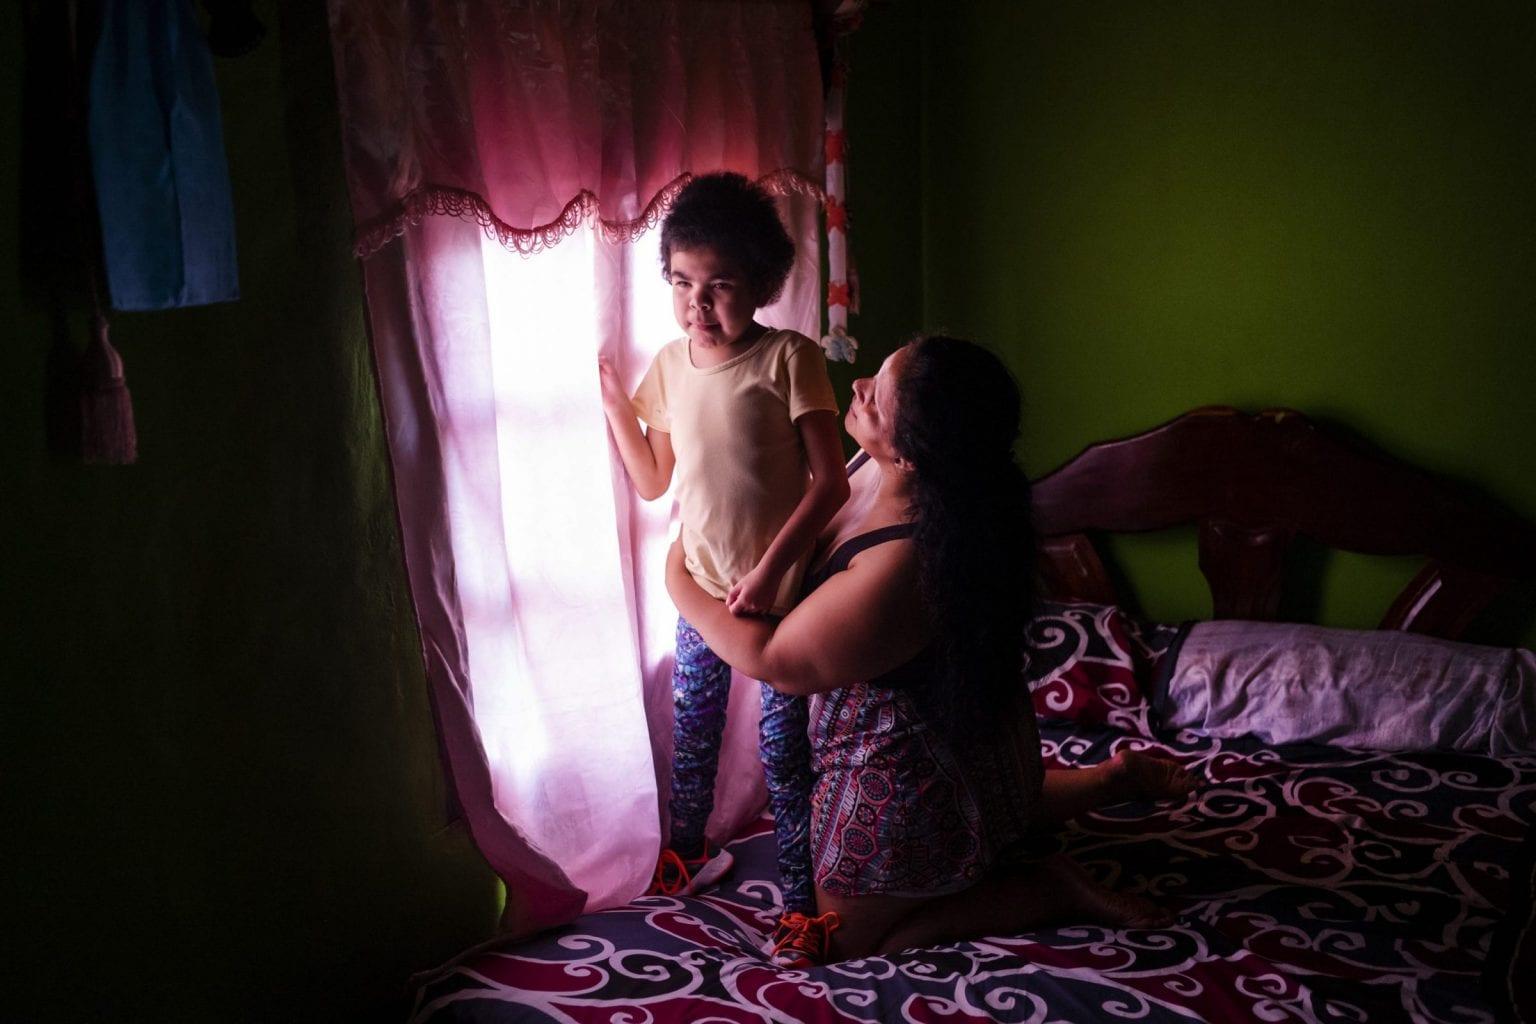 Suarez Guadalupe er 13 år og lider af San Filippo-syndrom, der betyder, at hun har mistet motoriske og mentale færdigheder. Hendes mor passer hende på fuld tid.